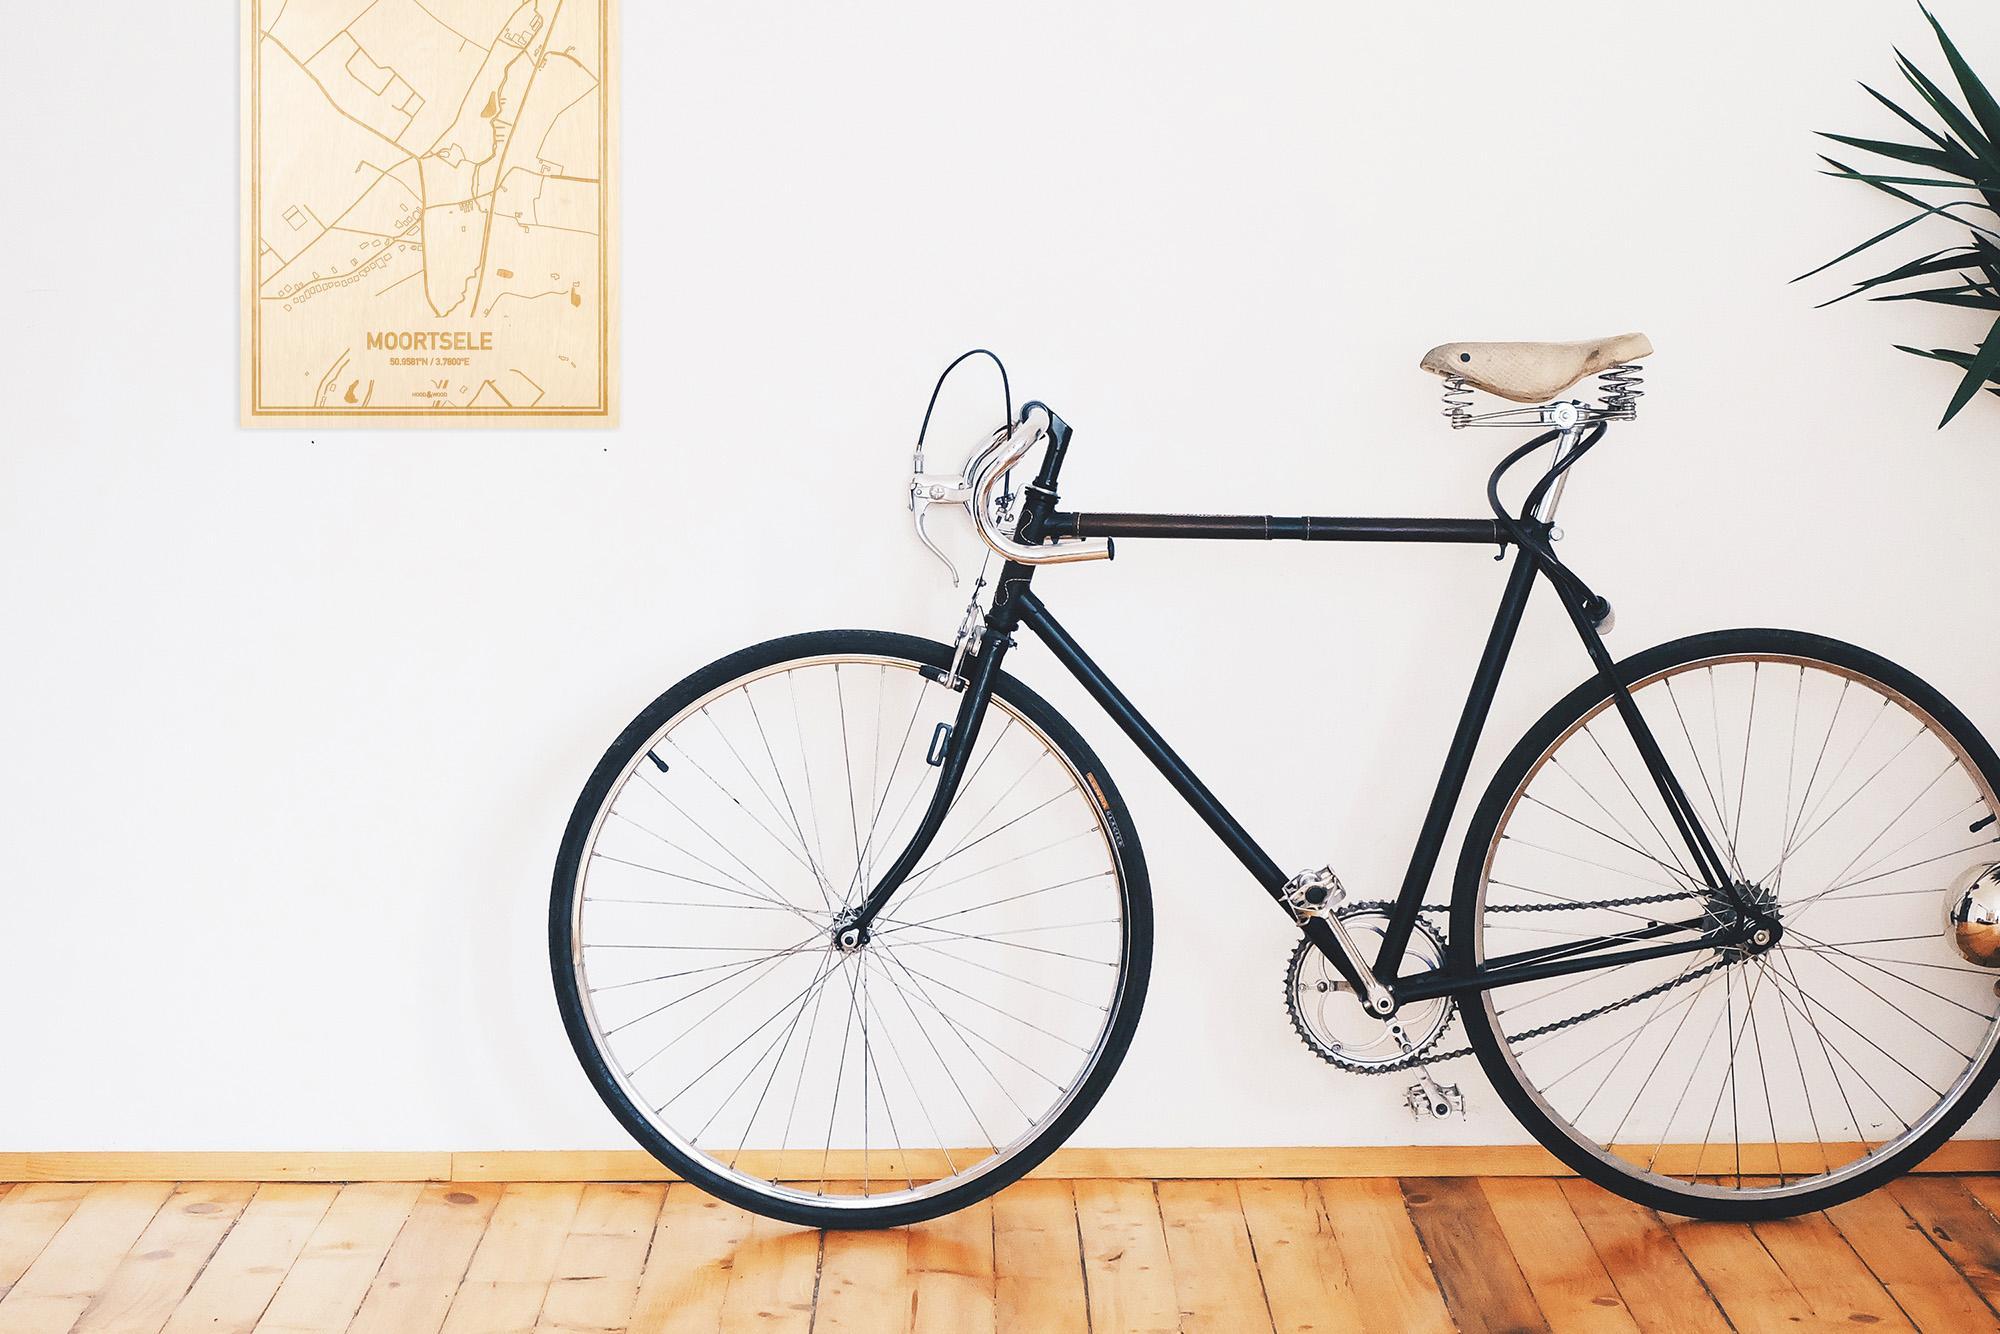 Een snelle fiets in een uniek interieur in Oost-Vlaanderen  met mooie decoratie zoals de plattegrond Moortsele.